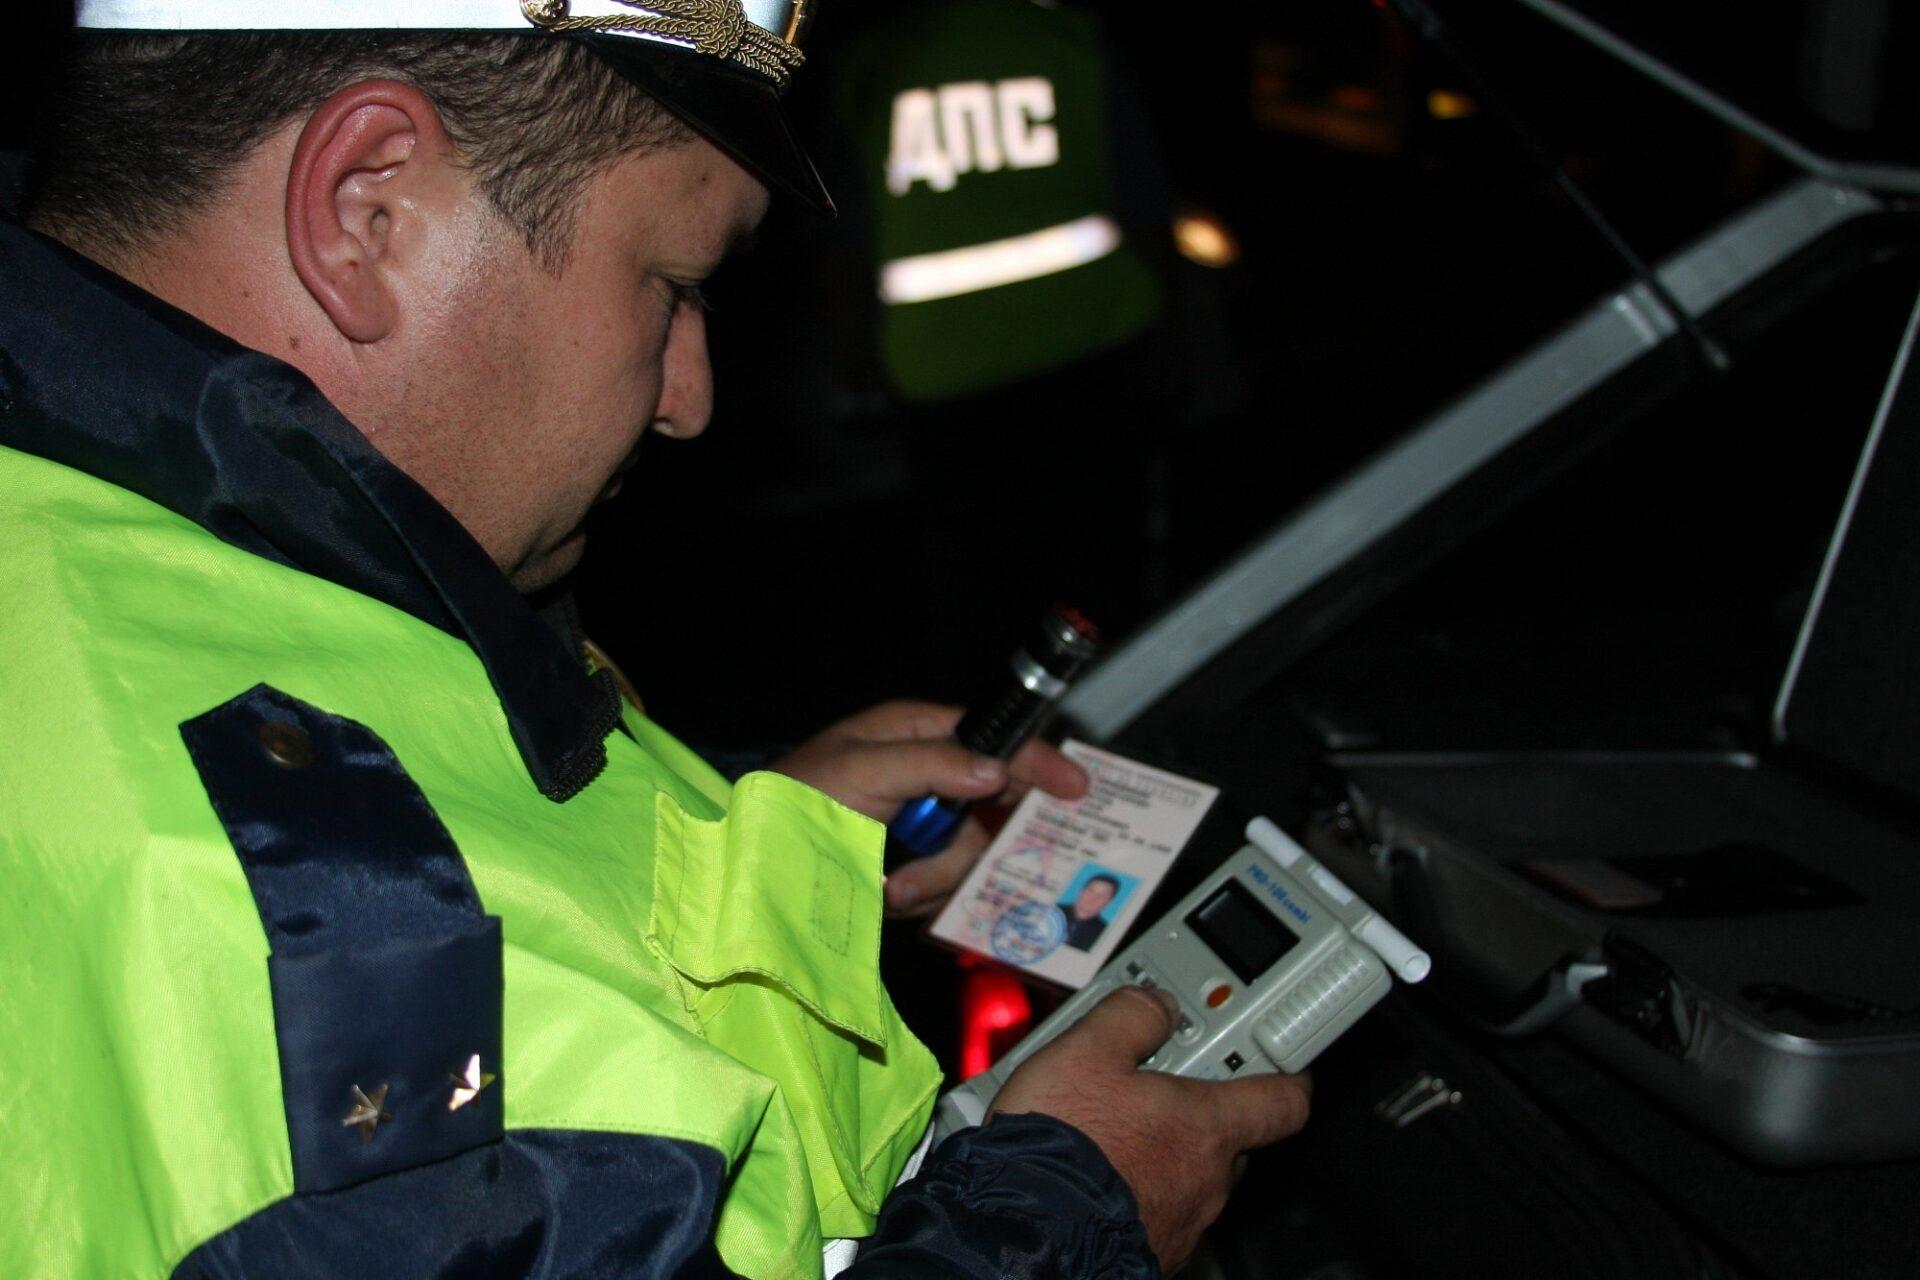 В Югорске пресечен очередной факт повторного управления автомобилем в состоянии опьянения